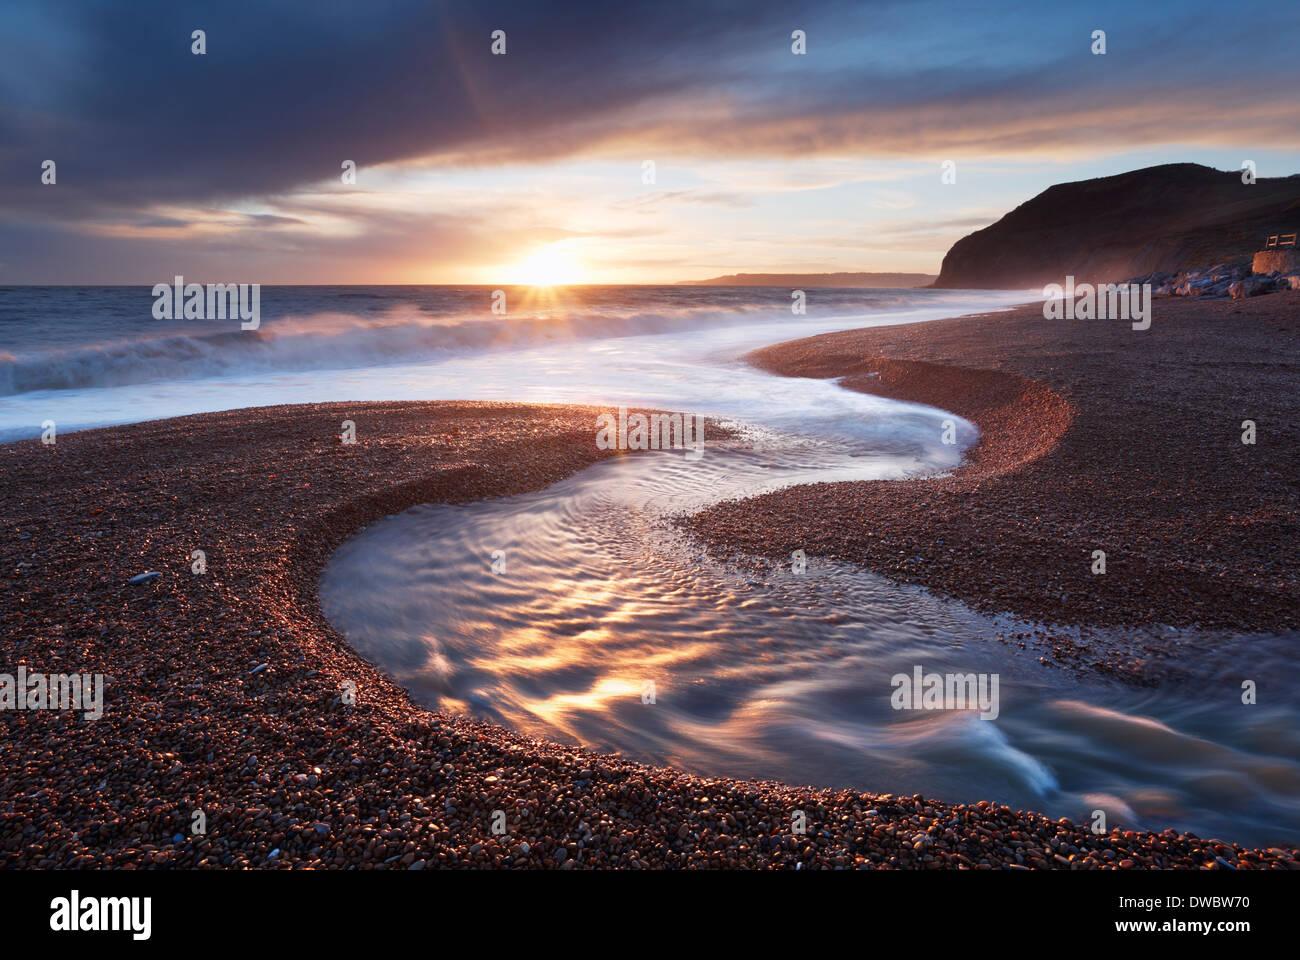 Winniford rivière se jetant dans la mer à la plage de Seatown avec les falaises de Cap d'or dans la distance. La côte jurassique. Le Dorset. UK. Photo Stock